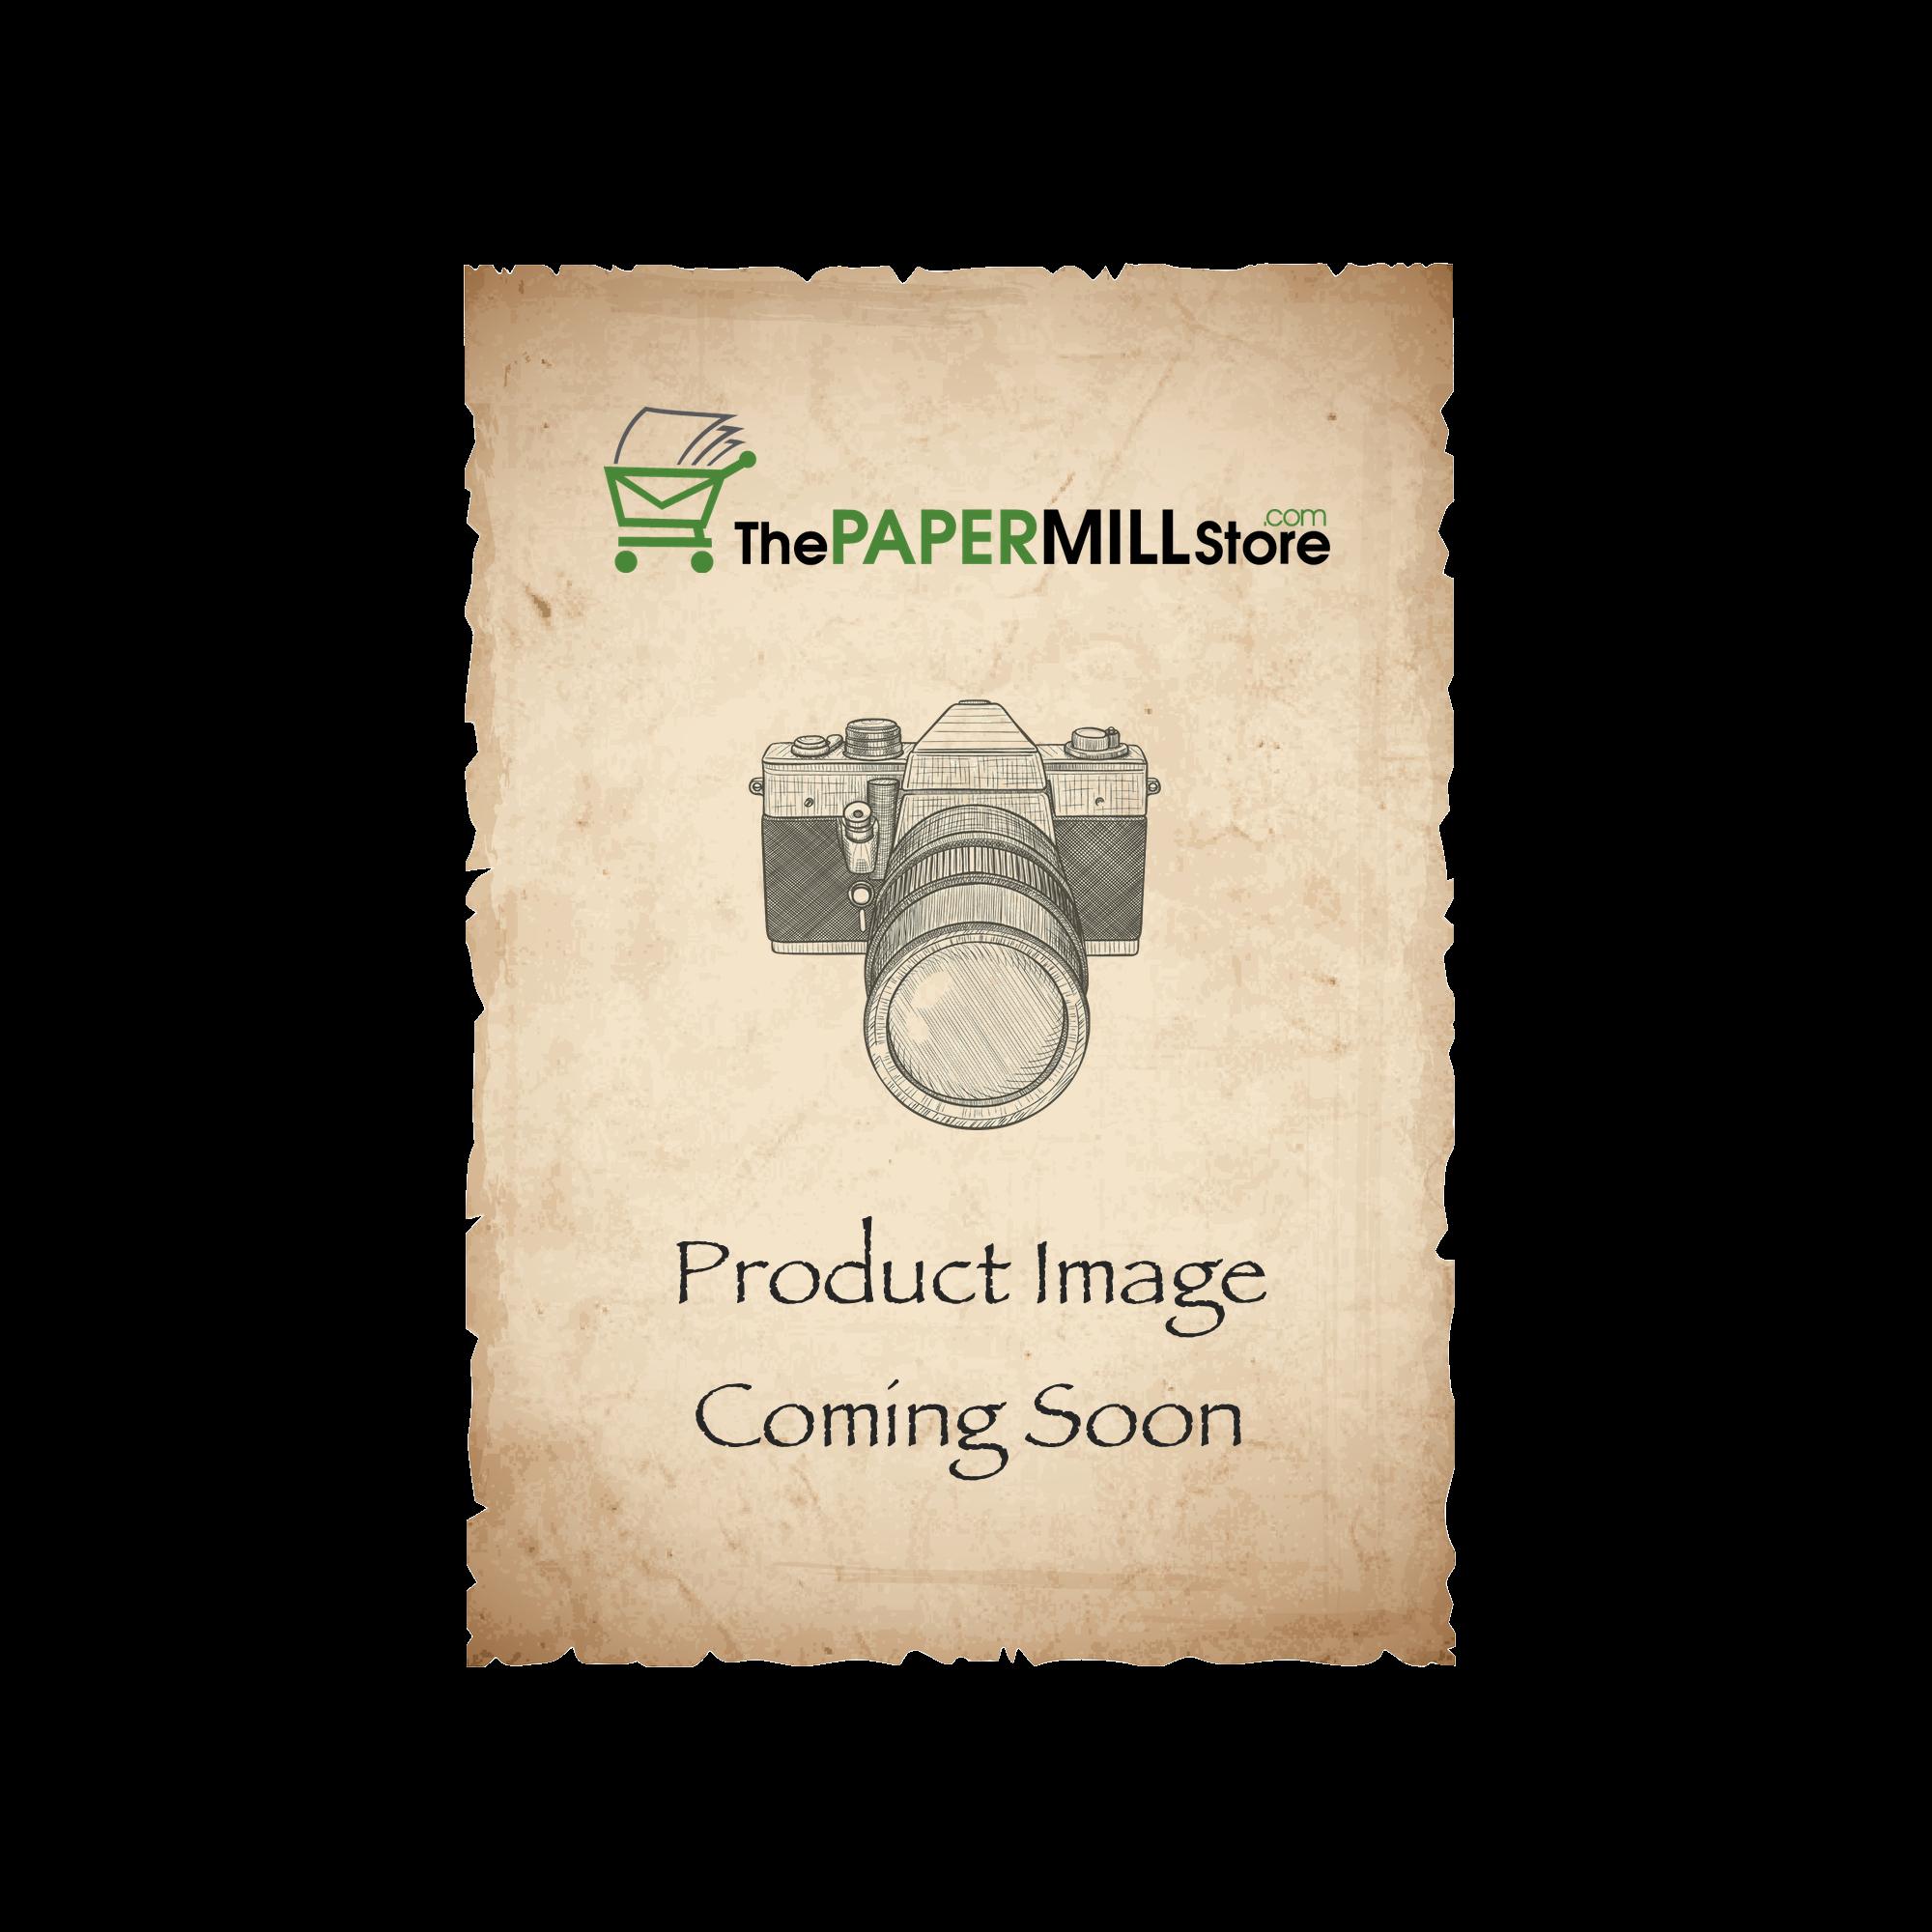 Loop Antique Vellum Iris Paper - 26 x 40 in 110 lb Cover DT Antique Vellum  50% Recycled 250 per Carton